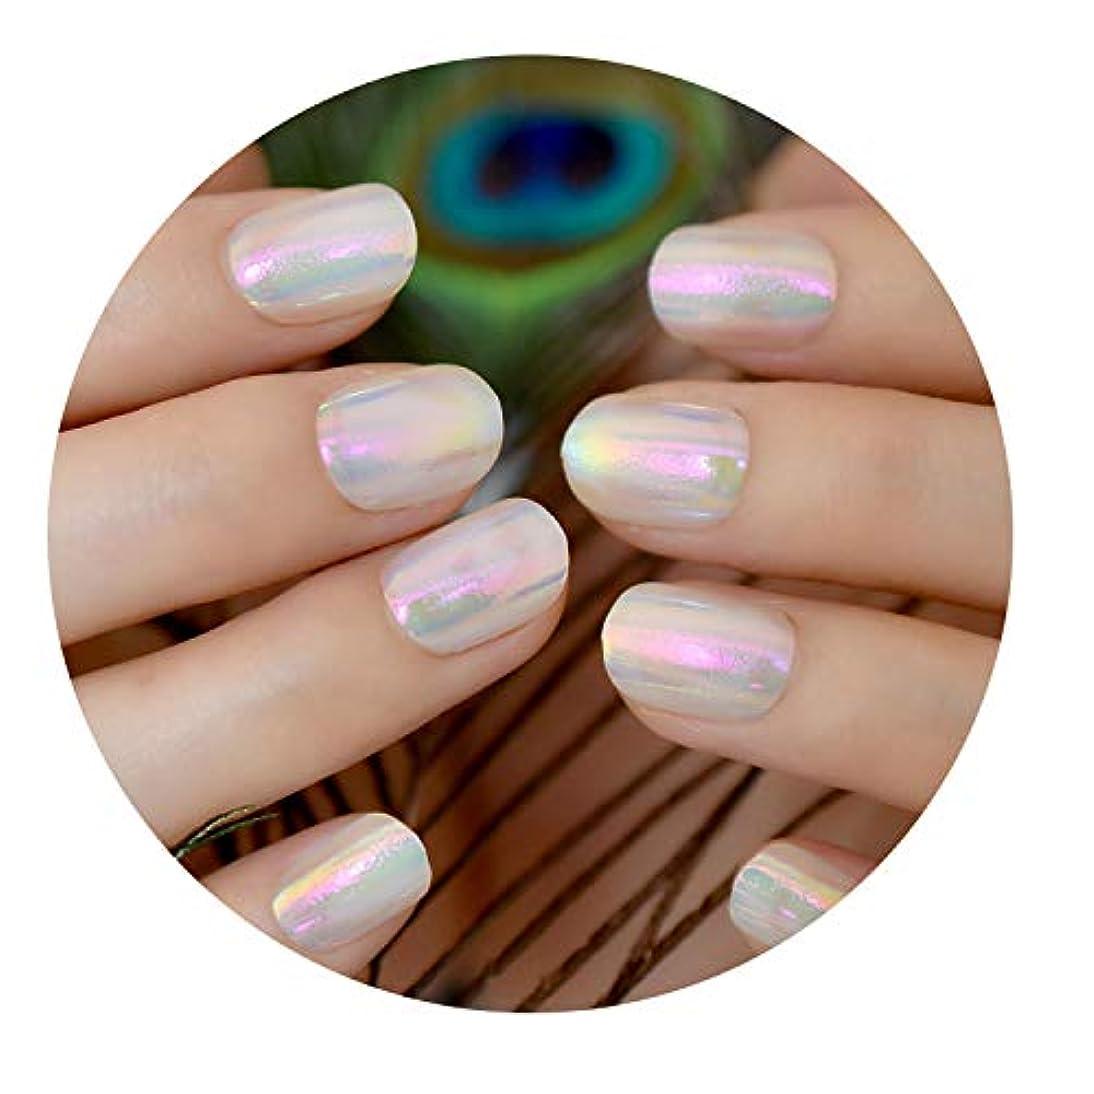 株式会社配当招待アクリル偽爪短いラウンドデザイン人工爪のヒントミラーDIY指パッチサロン製品,Z856